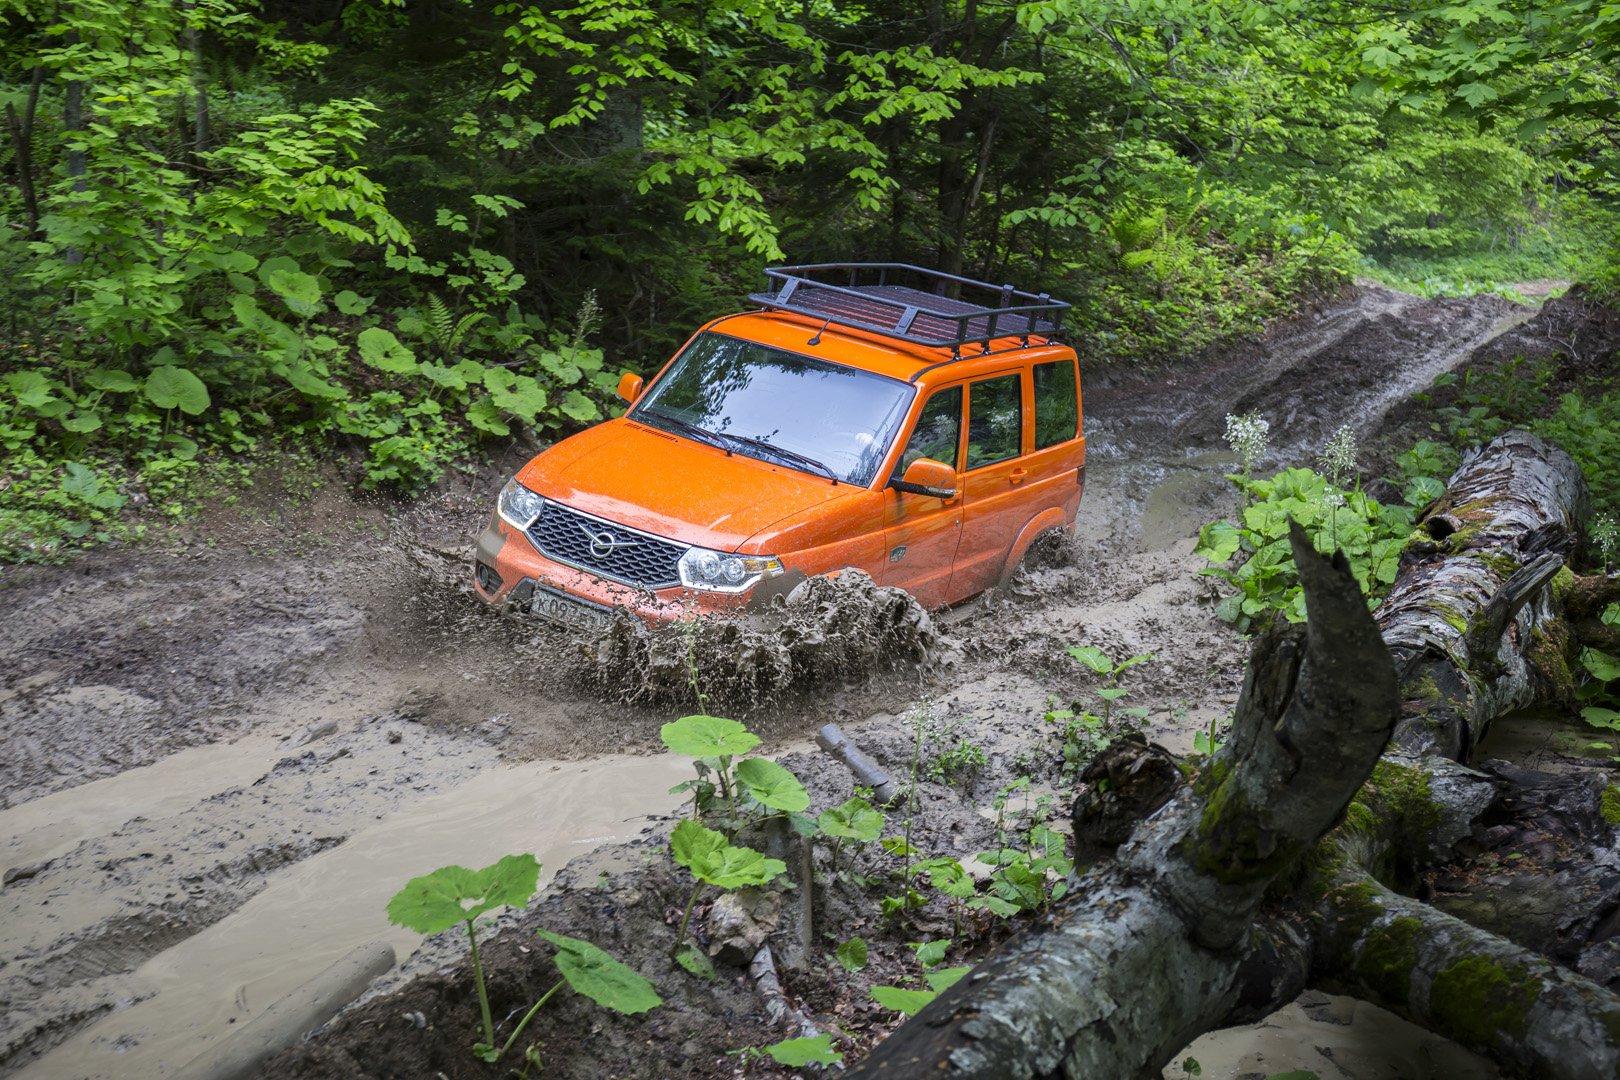 UAZ начал продажи экспедиционной версии джипа  Патриот